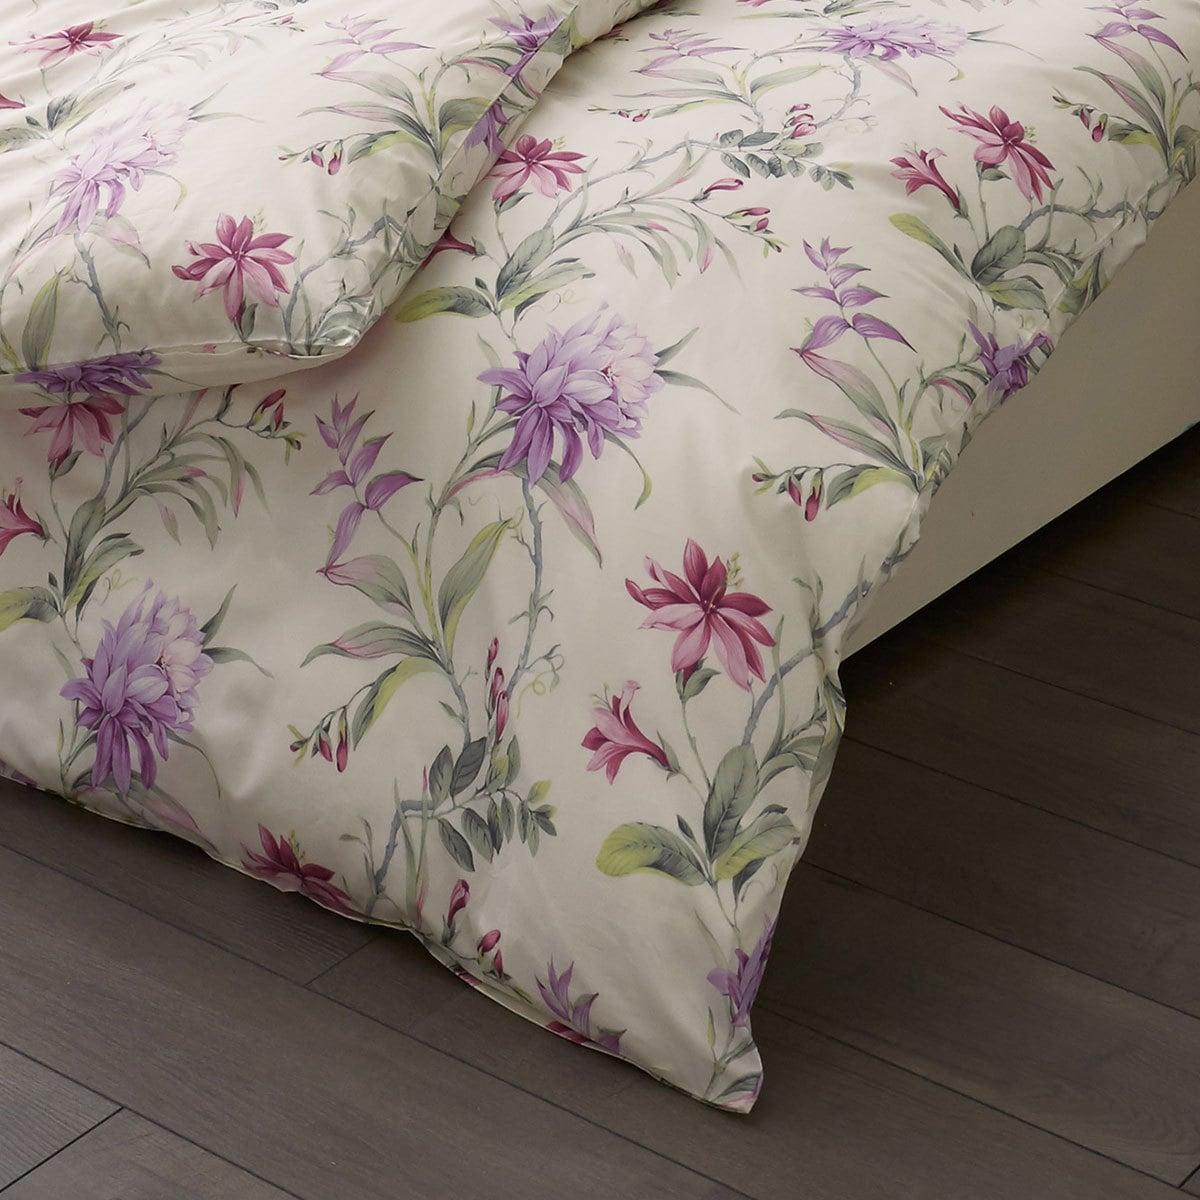 estella mako batist bettw sche nerja violett g nstig online kaufen bei bettwaren shop. Black Bedroom Furniture Sets. Home Design Ideas